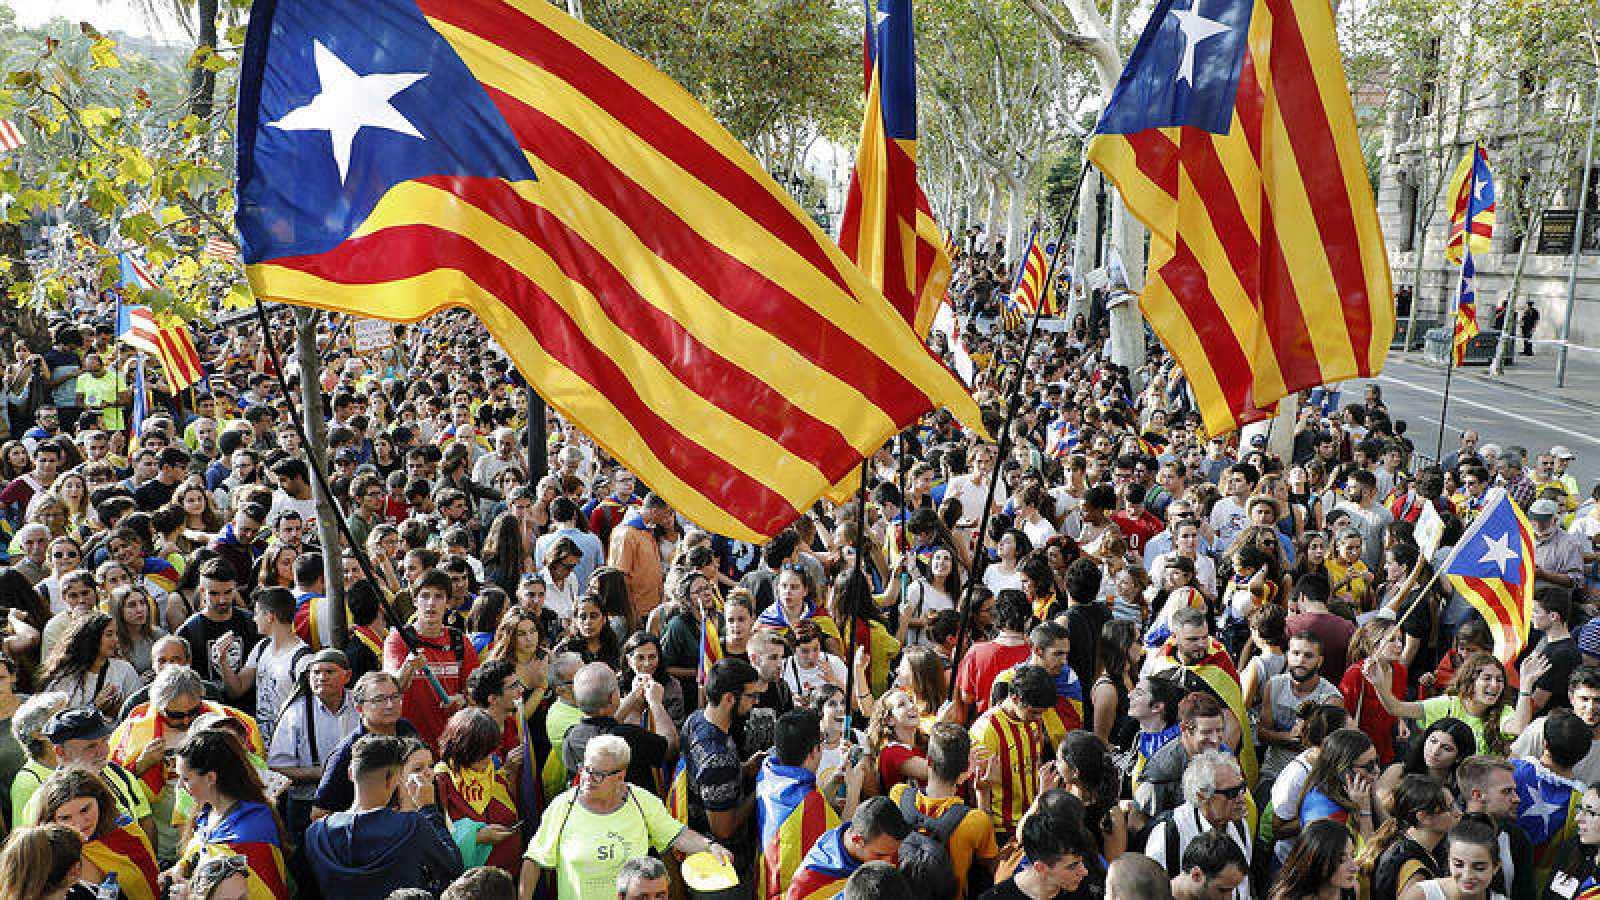 La independencia de Cataluña es la quinta preocupación para los españoles, según el CIS